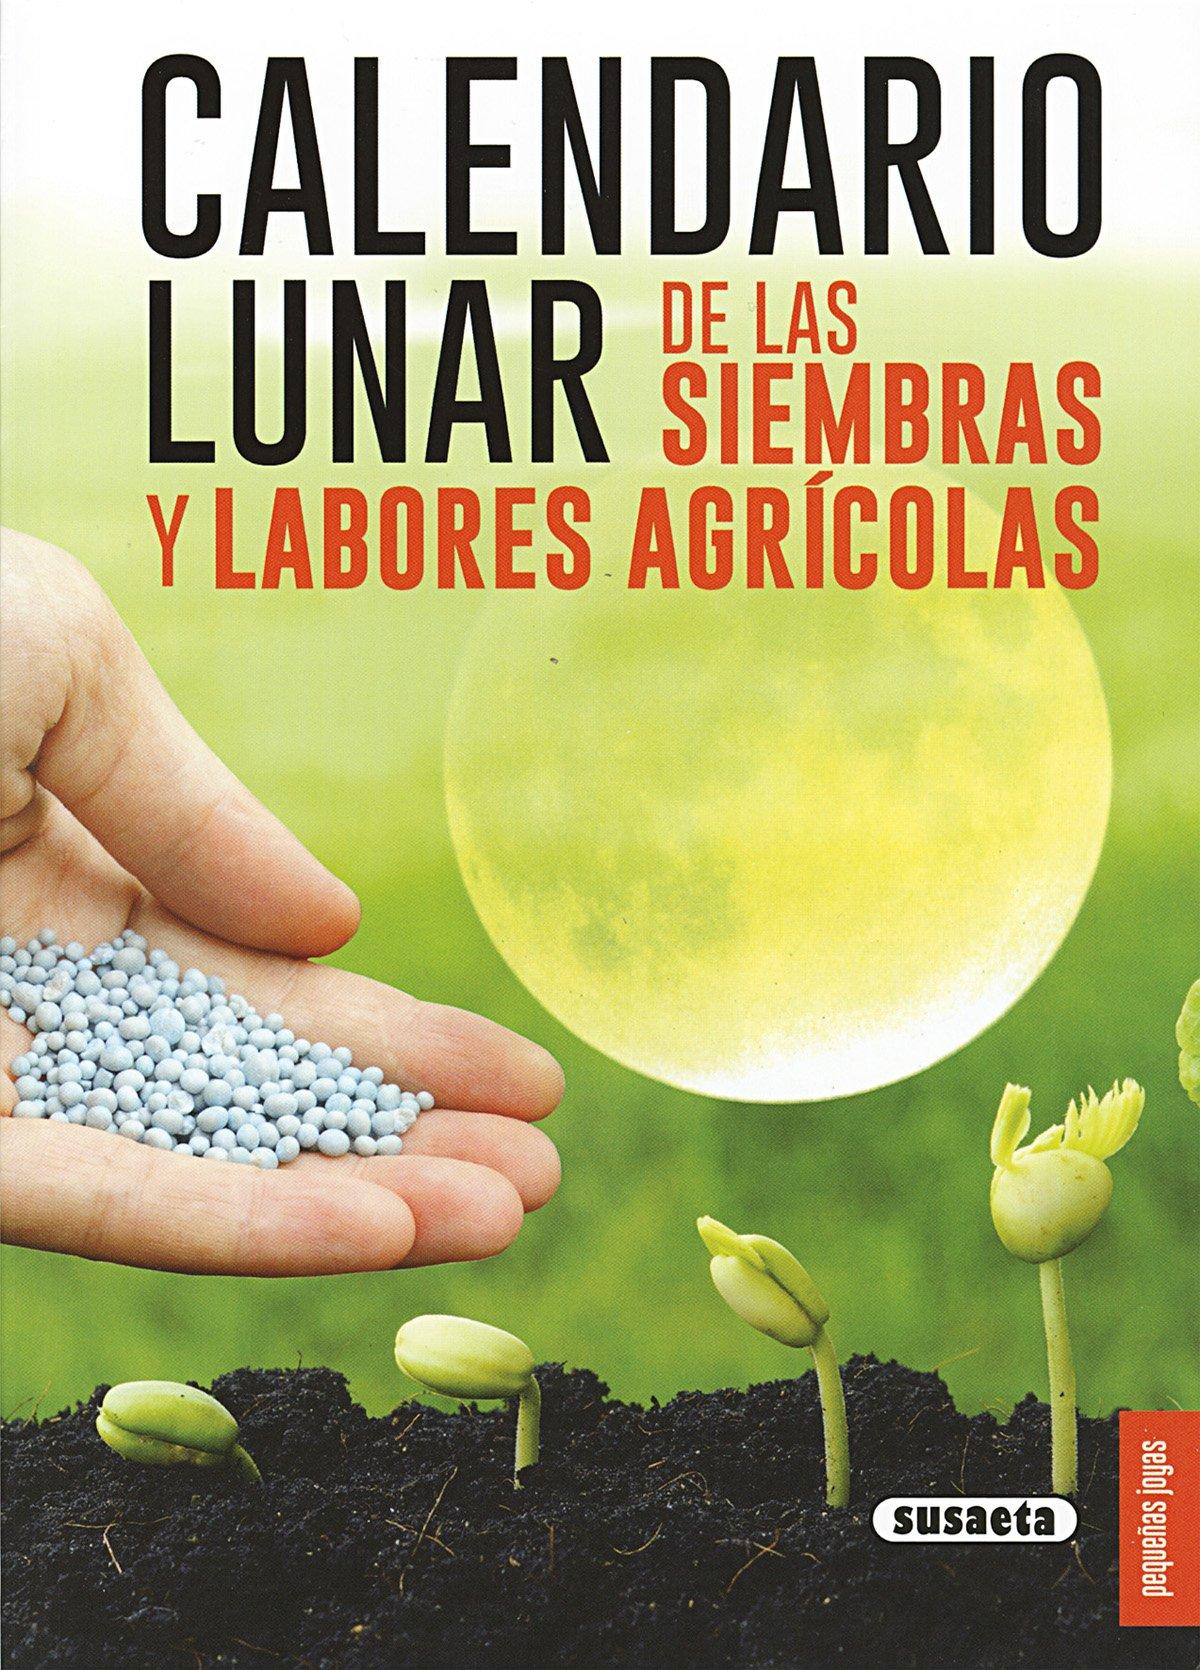 Calendario Lunar De Siembra.Calendario Lunar De Las Siembras Y Labores Agricolas Pequenas Joyas